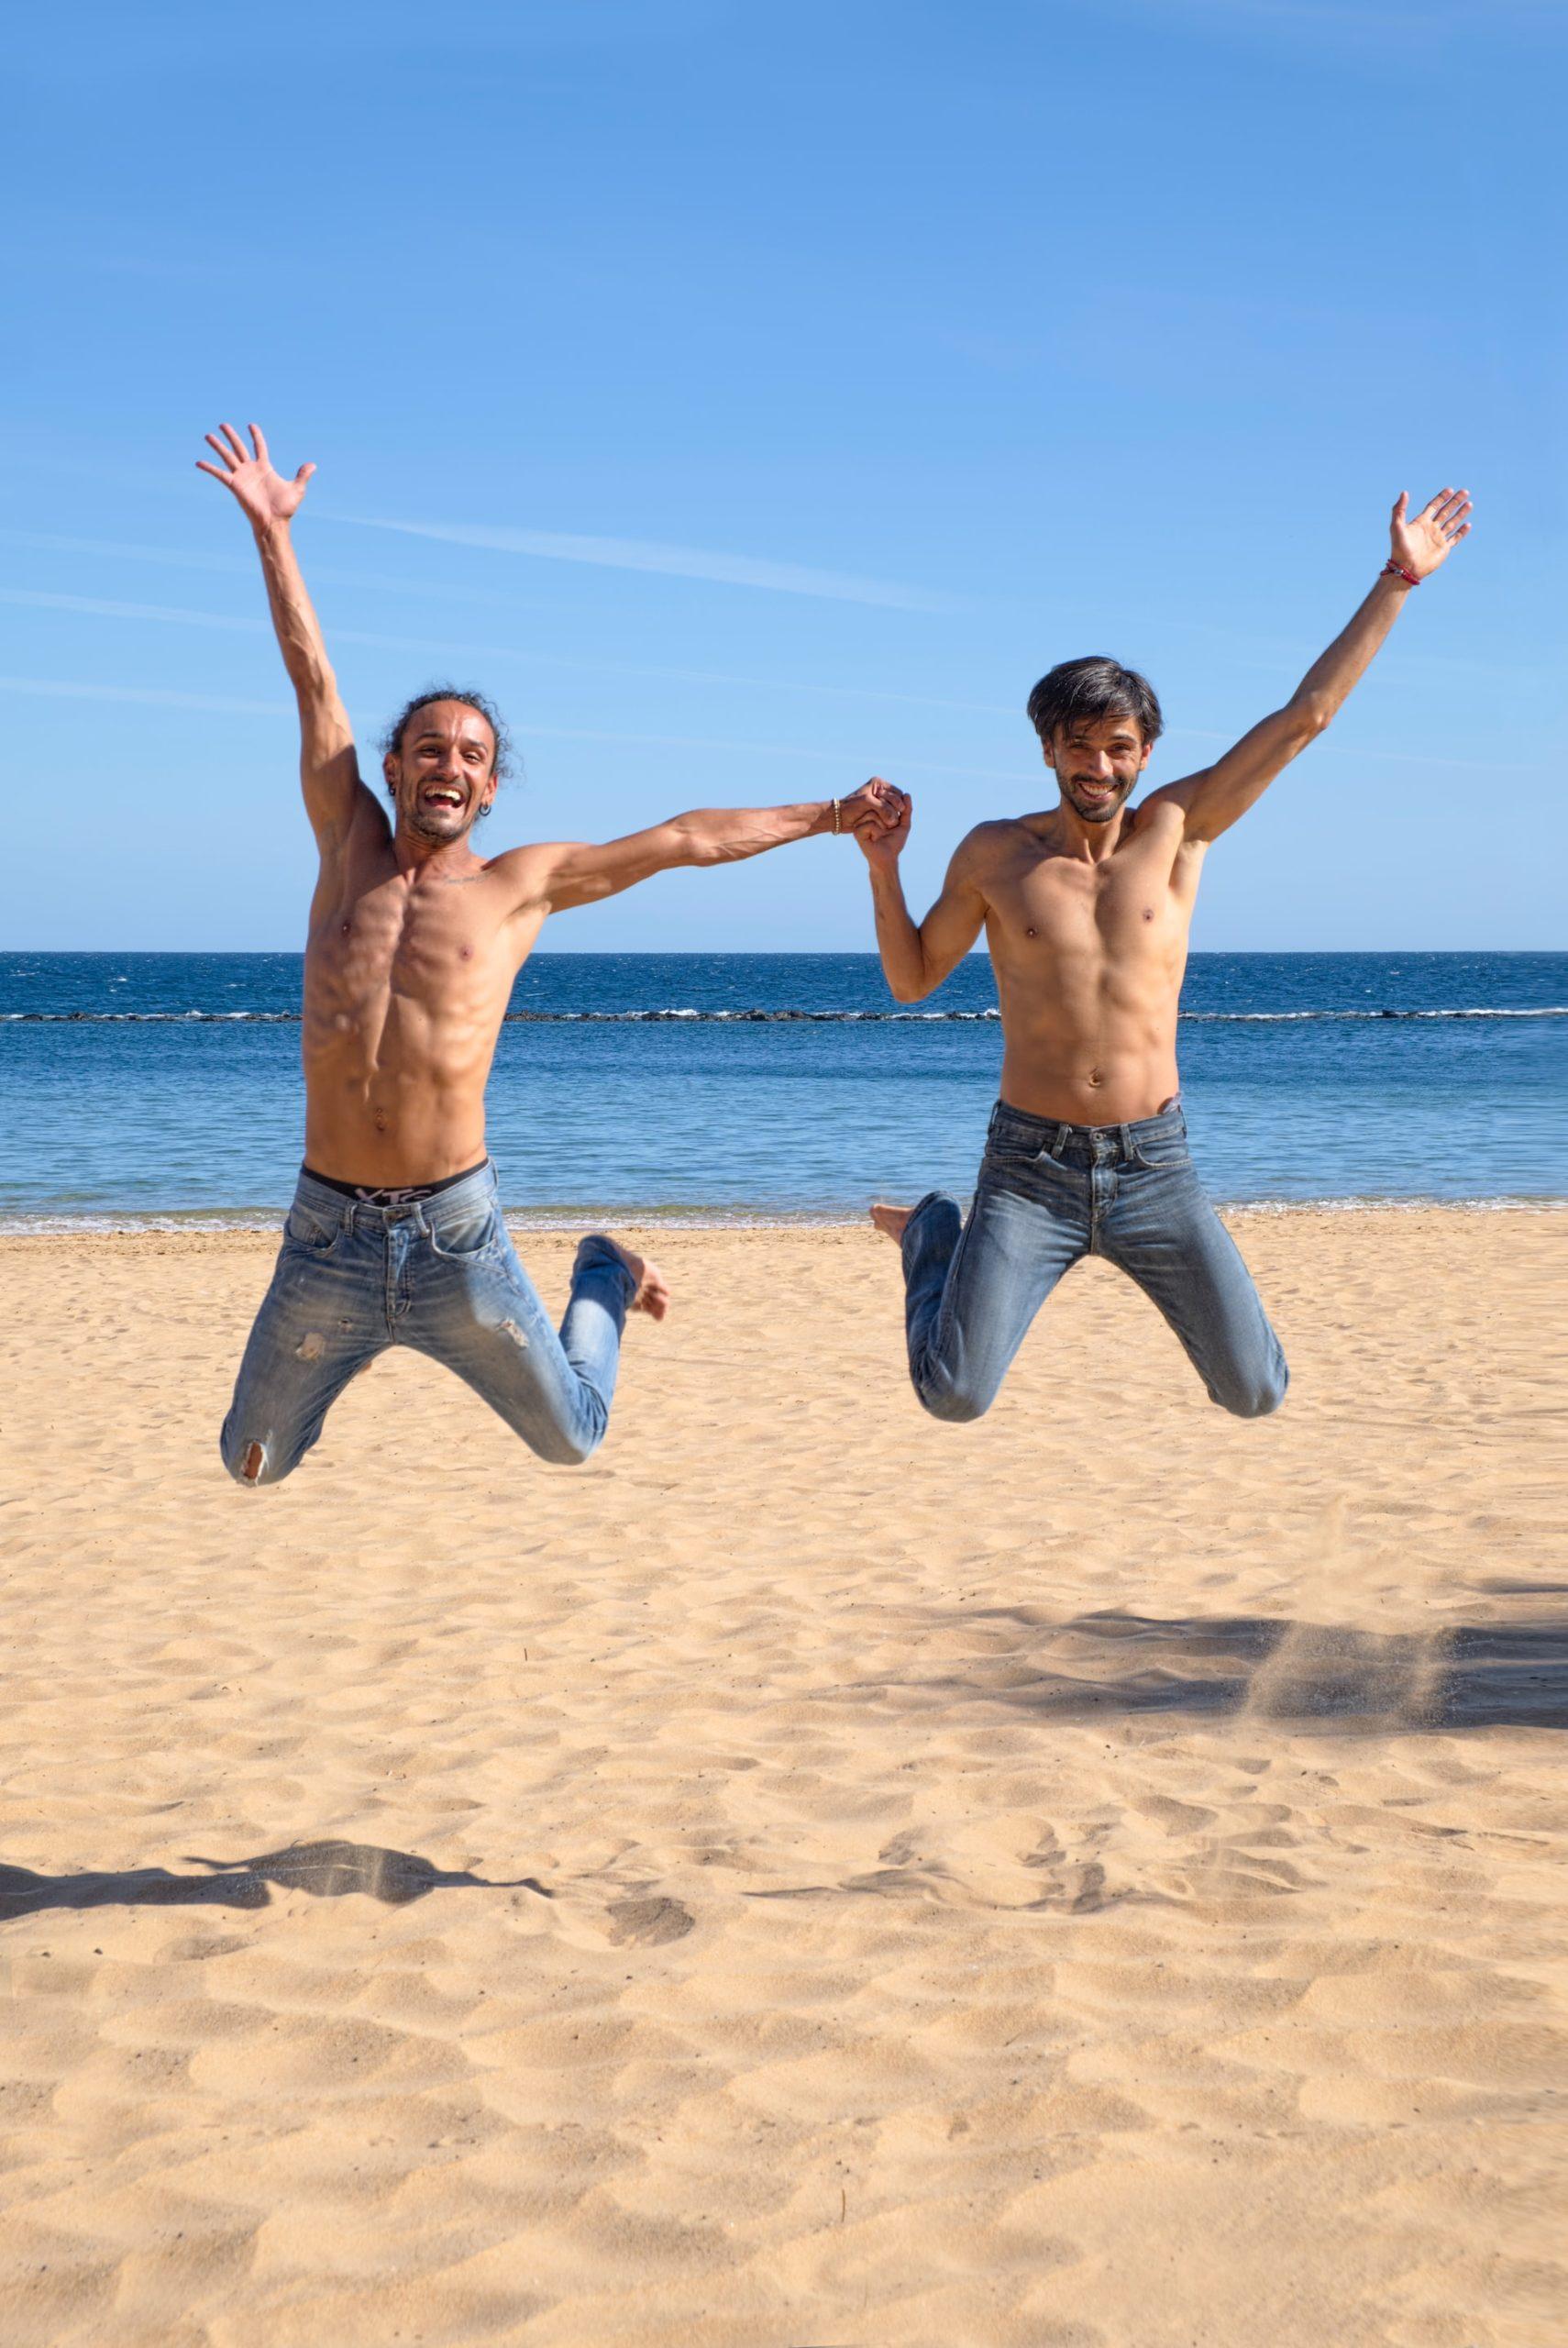 Les plus belles plages gay des États-Unis